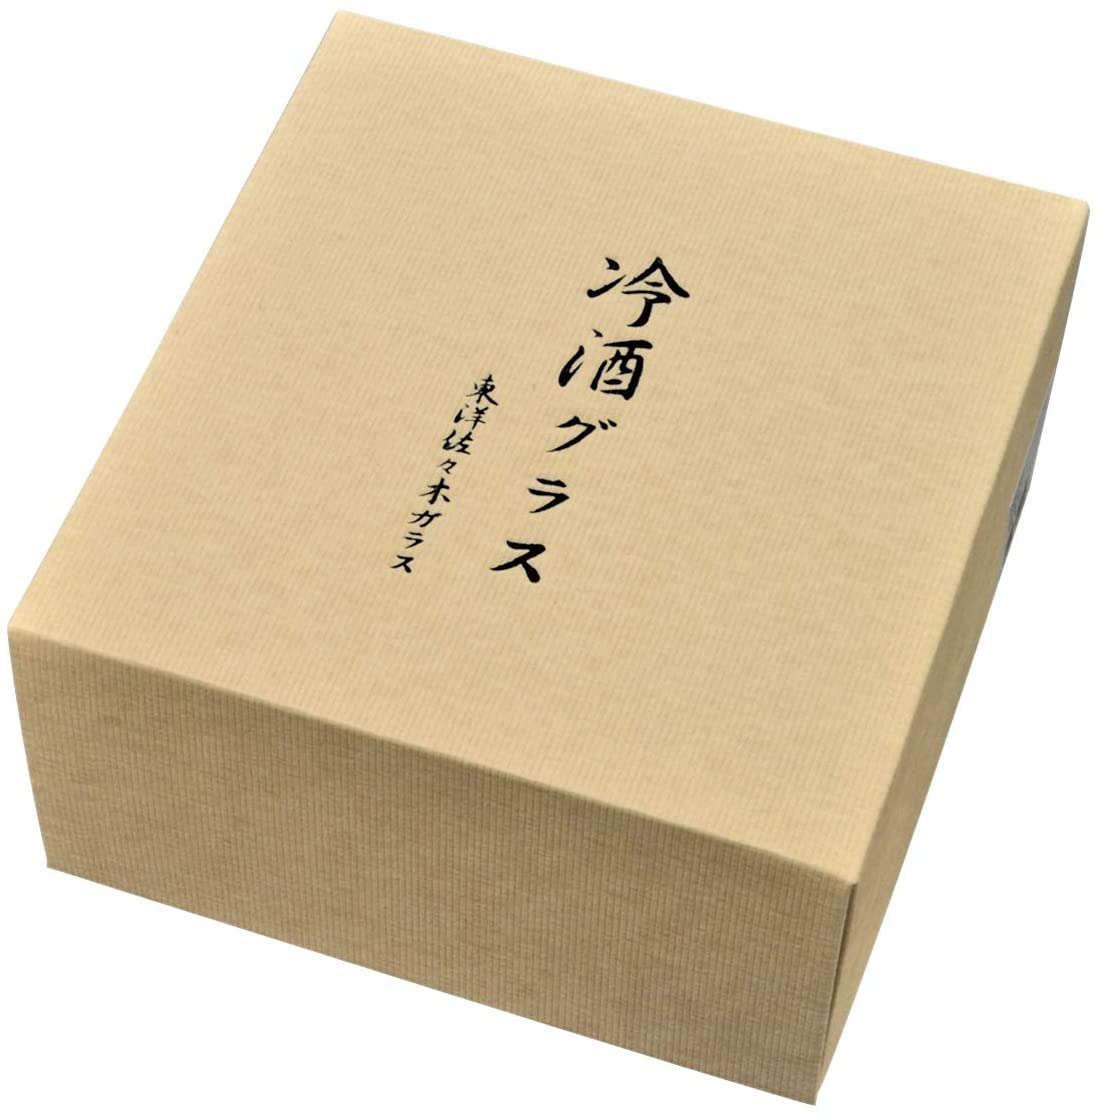 東洋佐々木ガラス(とうようささきがらす)日本酒グラス 冷酒セット G604-M70の商品画像5